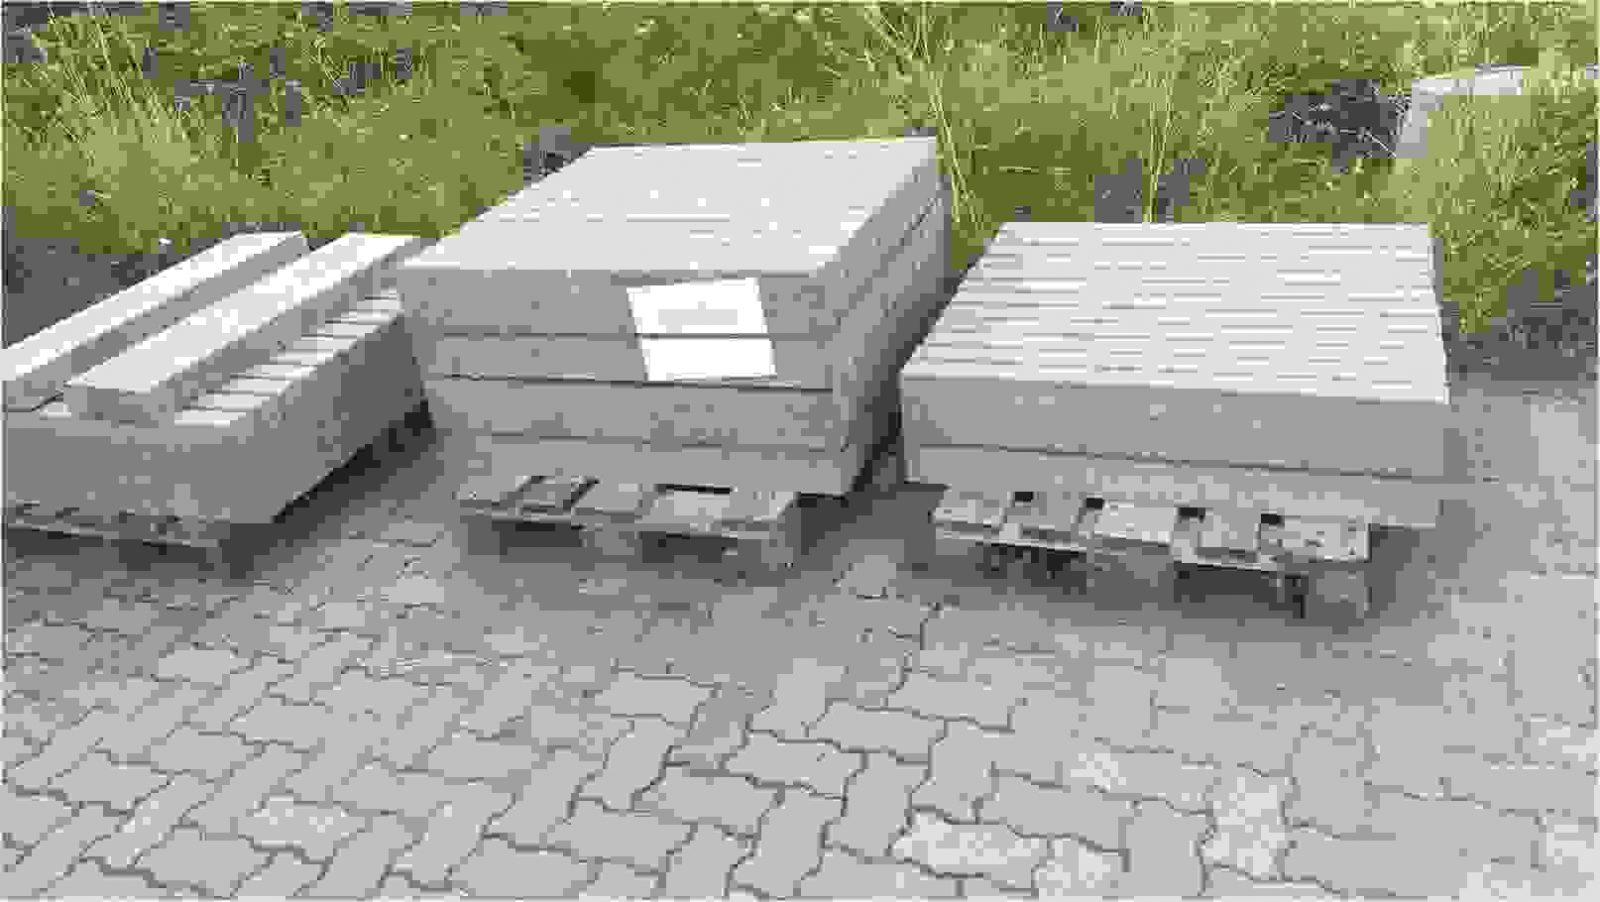 Kosten Terrasse Pflastern Verzaubernd Gartenwege Pflaster Steine Von